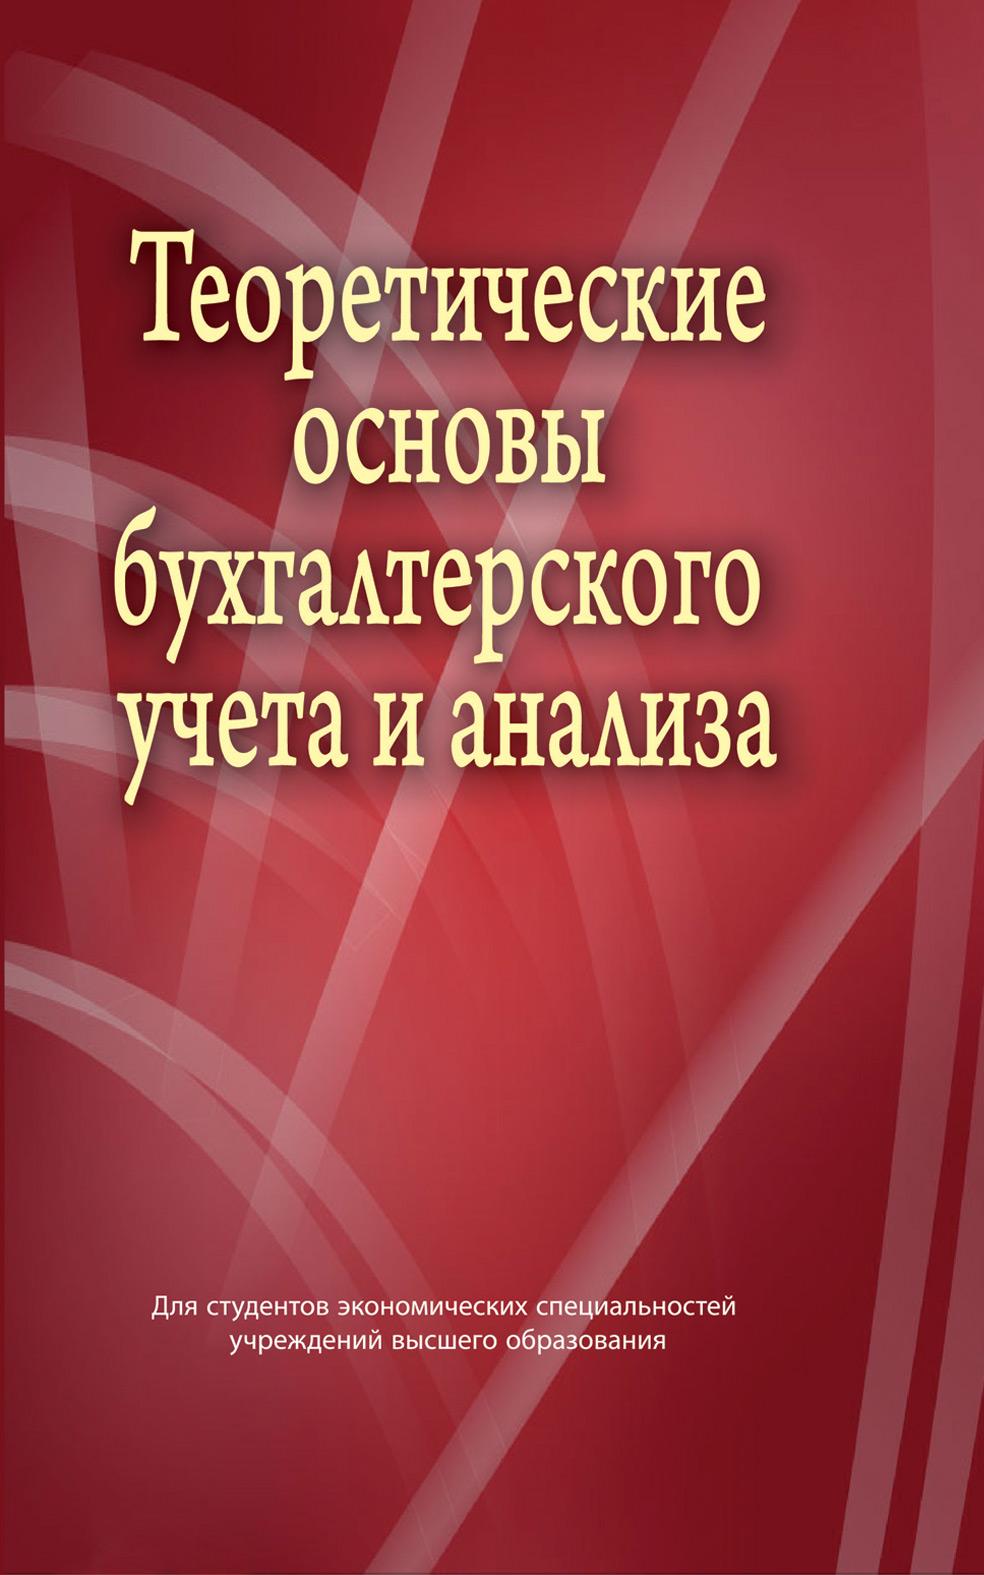 В. И. Стражев Теоретические основы бухгалтерского учета и анализа методология и концепции бухгалтерского учета